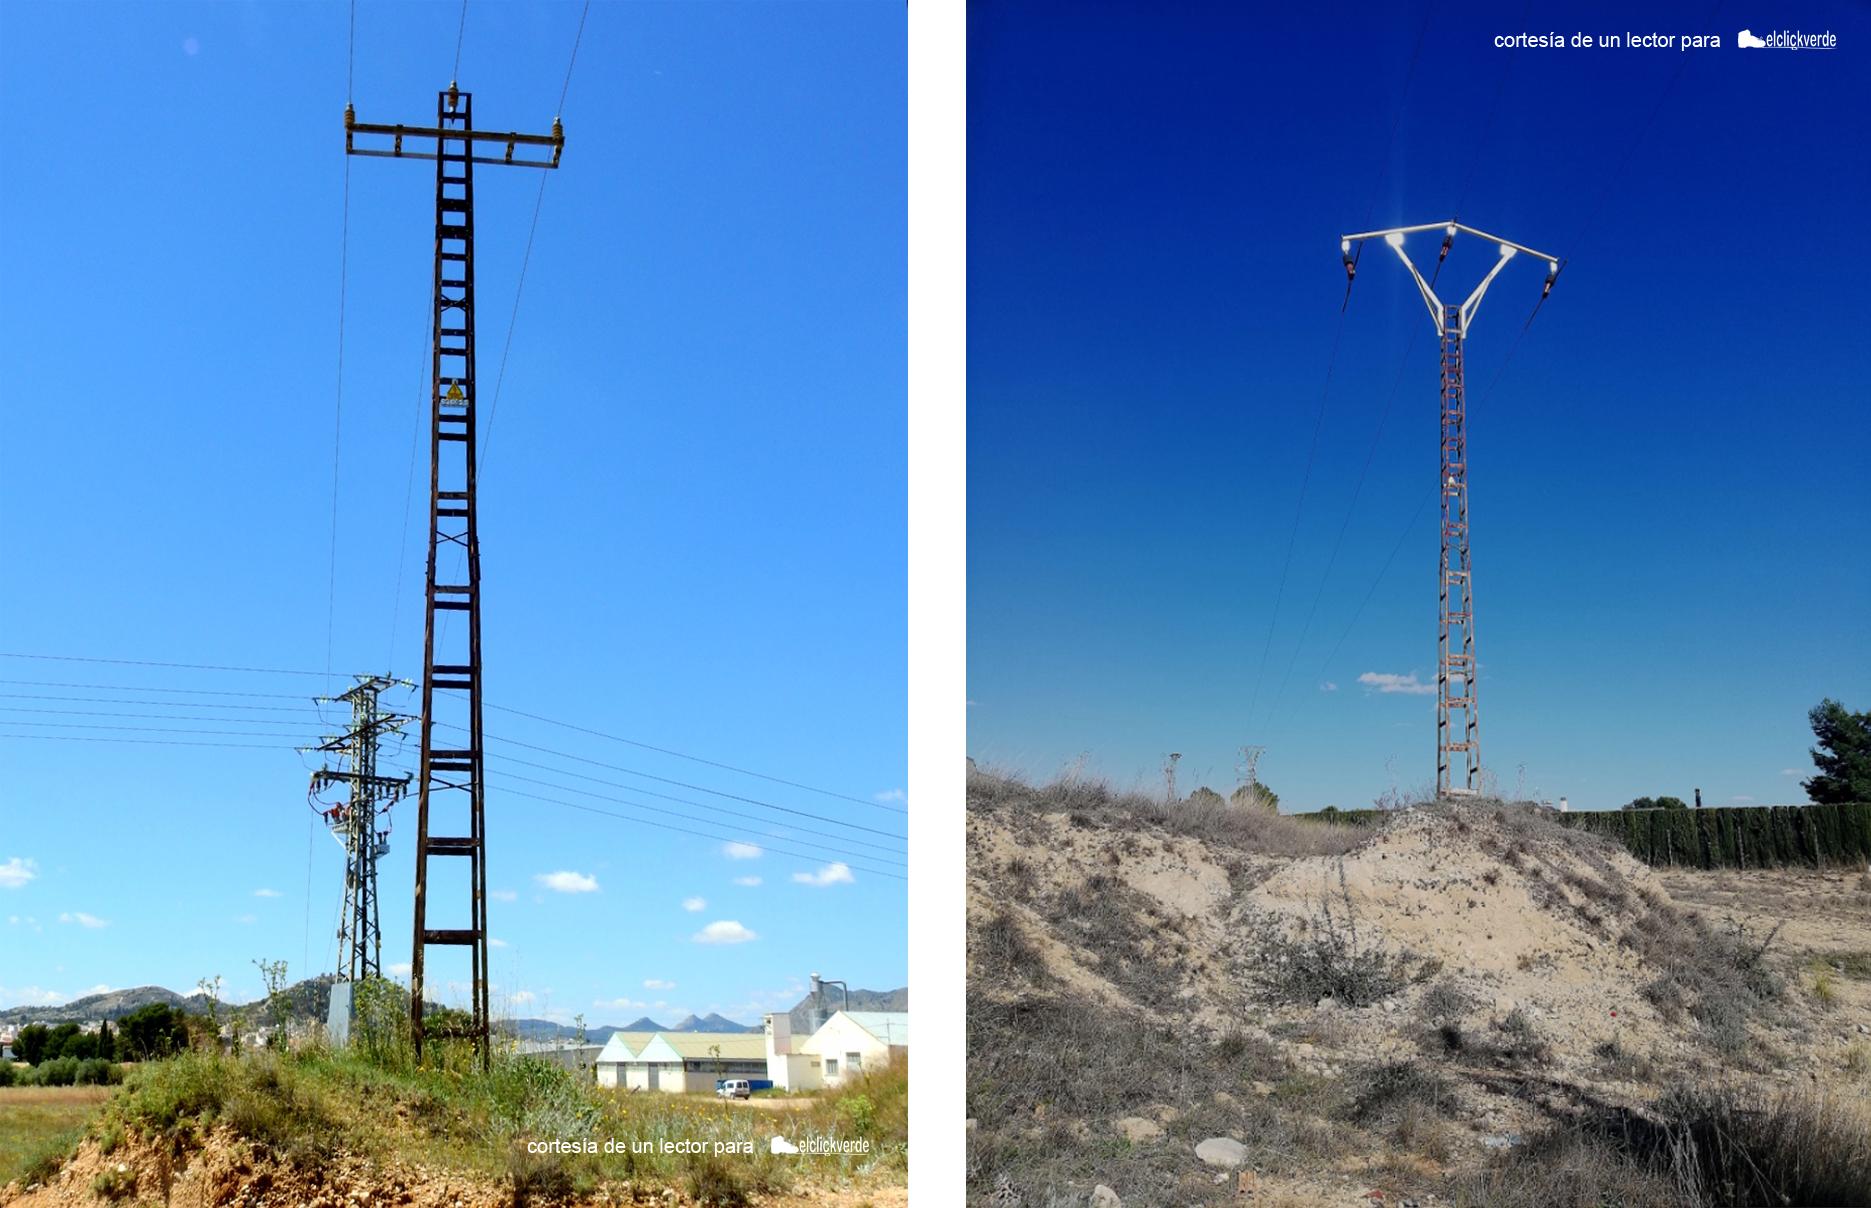 Izq.: imagen tomada hace un año. Dcha: imagen de esta semana. Antes y después de los arreglos del tendido eléctrico conflictivo en Yecla (tomas desde distintos puntos)